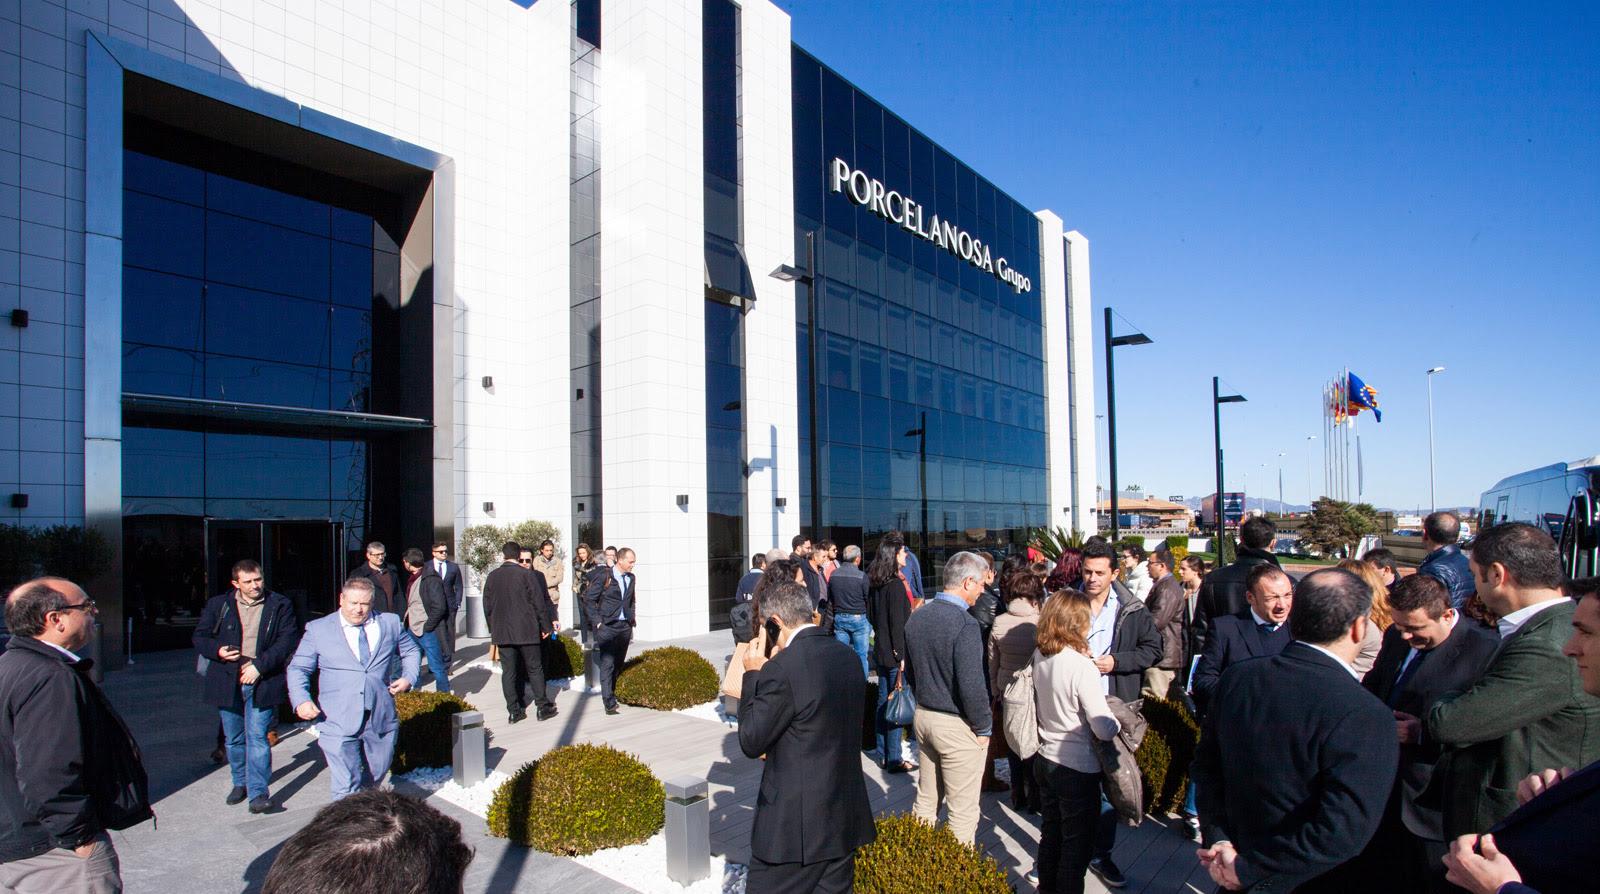 PORCELANOSA Grupo chiude la XXVI Mostra Internazionale con più di 12.000 visitatori